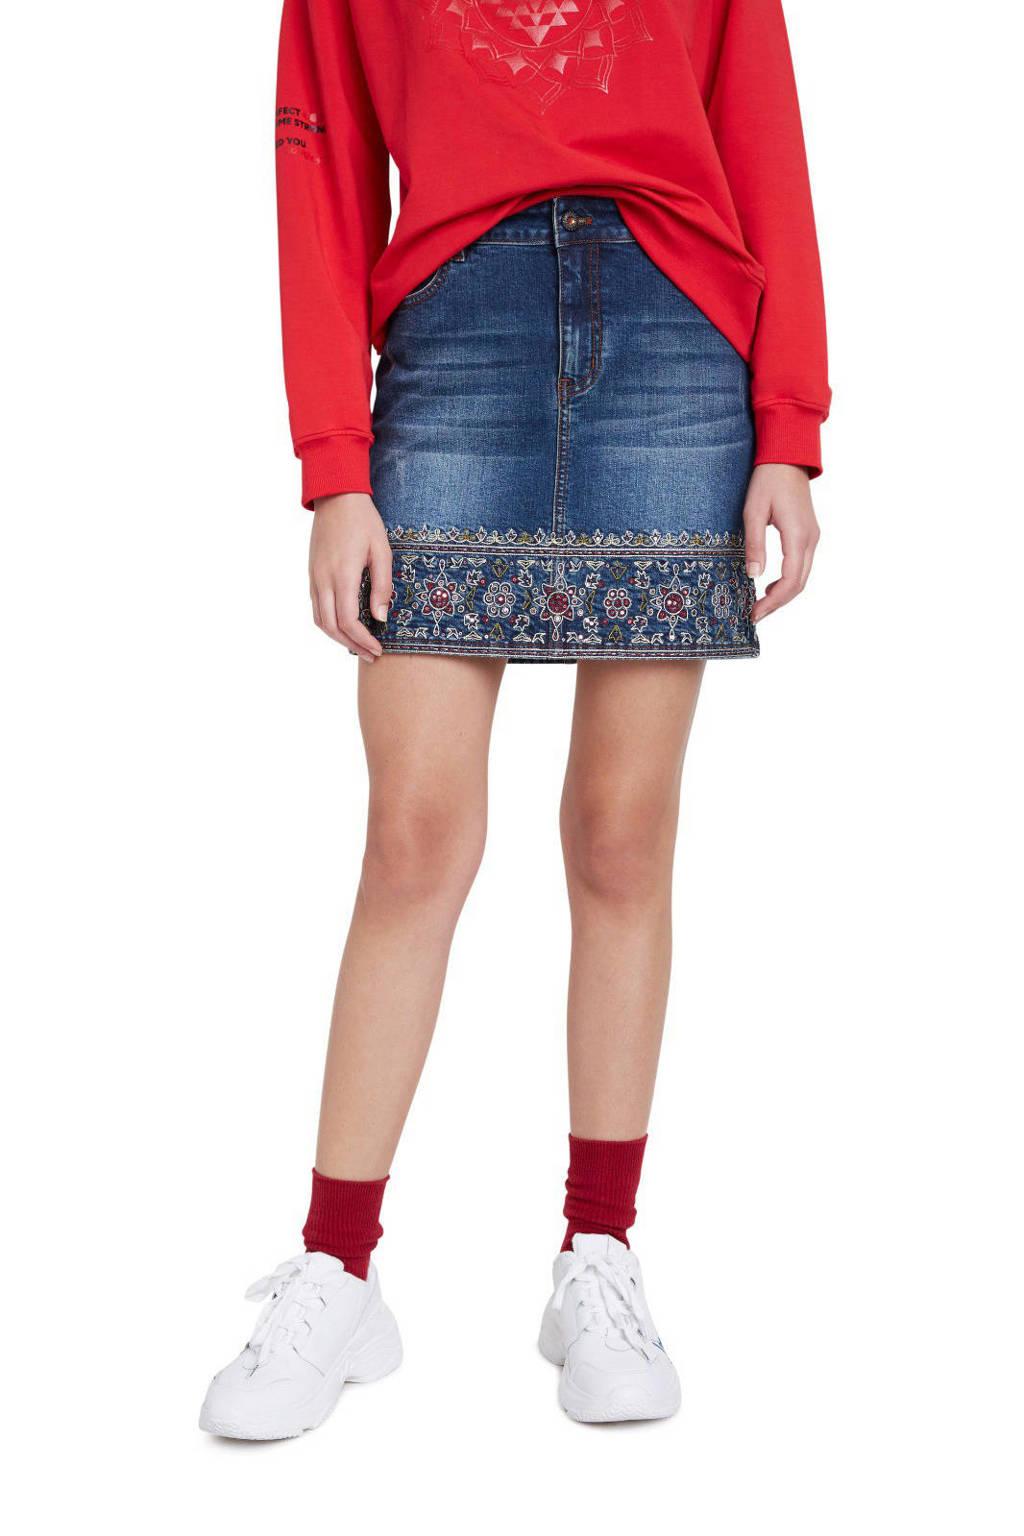 Desigual spijkerrok met borduursels, Dark denim/rood/groen